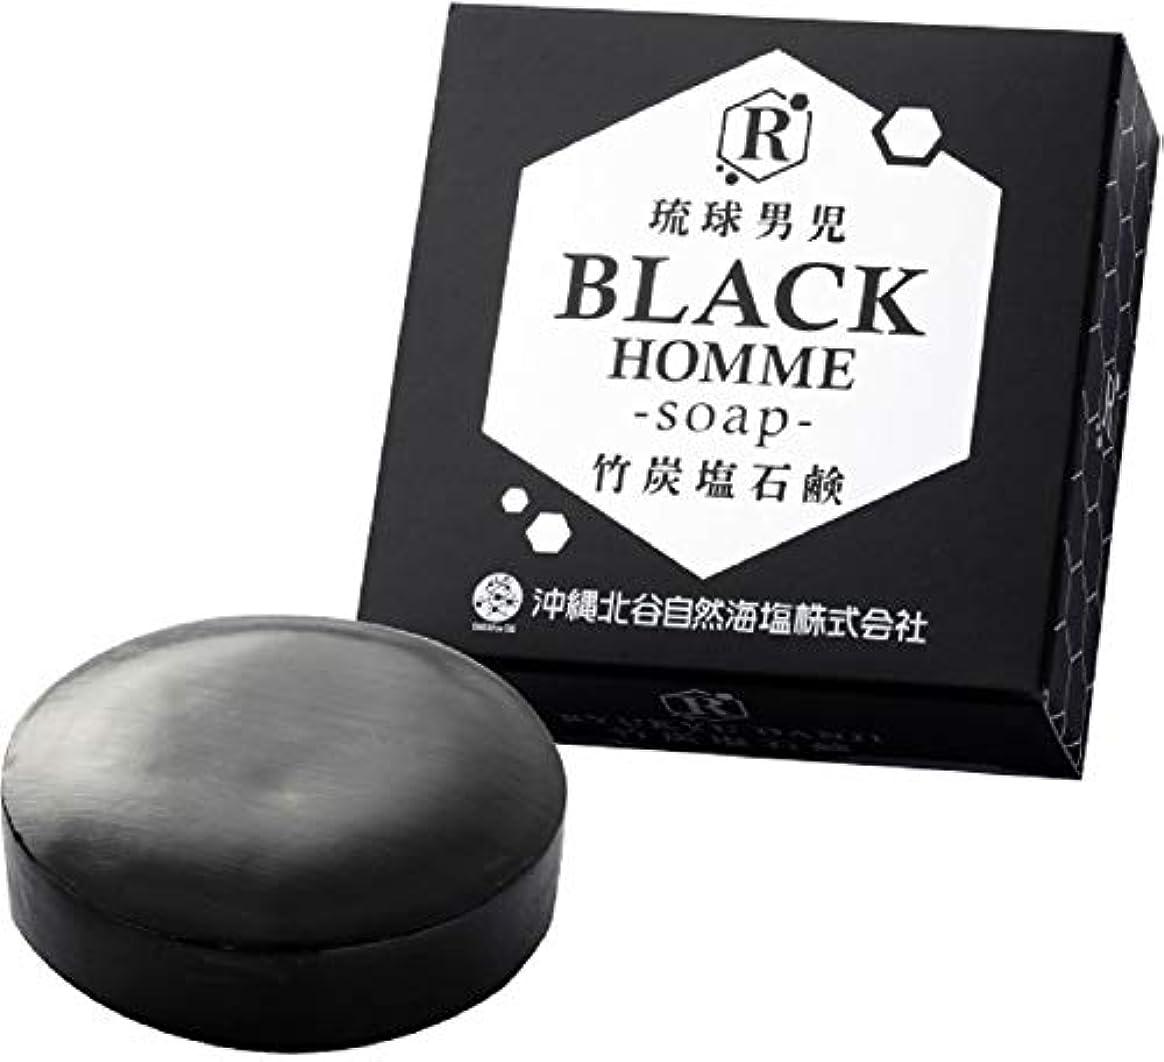 手荷物置くためにパック子供時代【3個セット】琉球男児 竹炭塩石鹸 BLACK HOMME-soap- 60g 泡立てネット付き